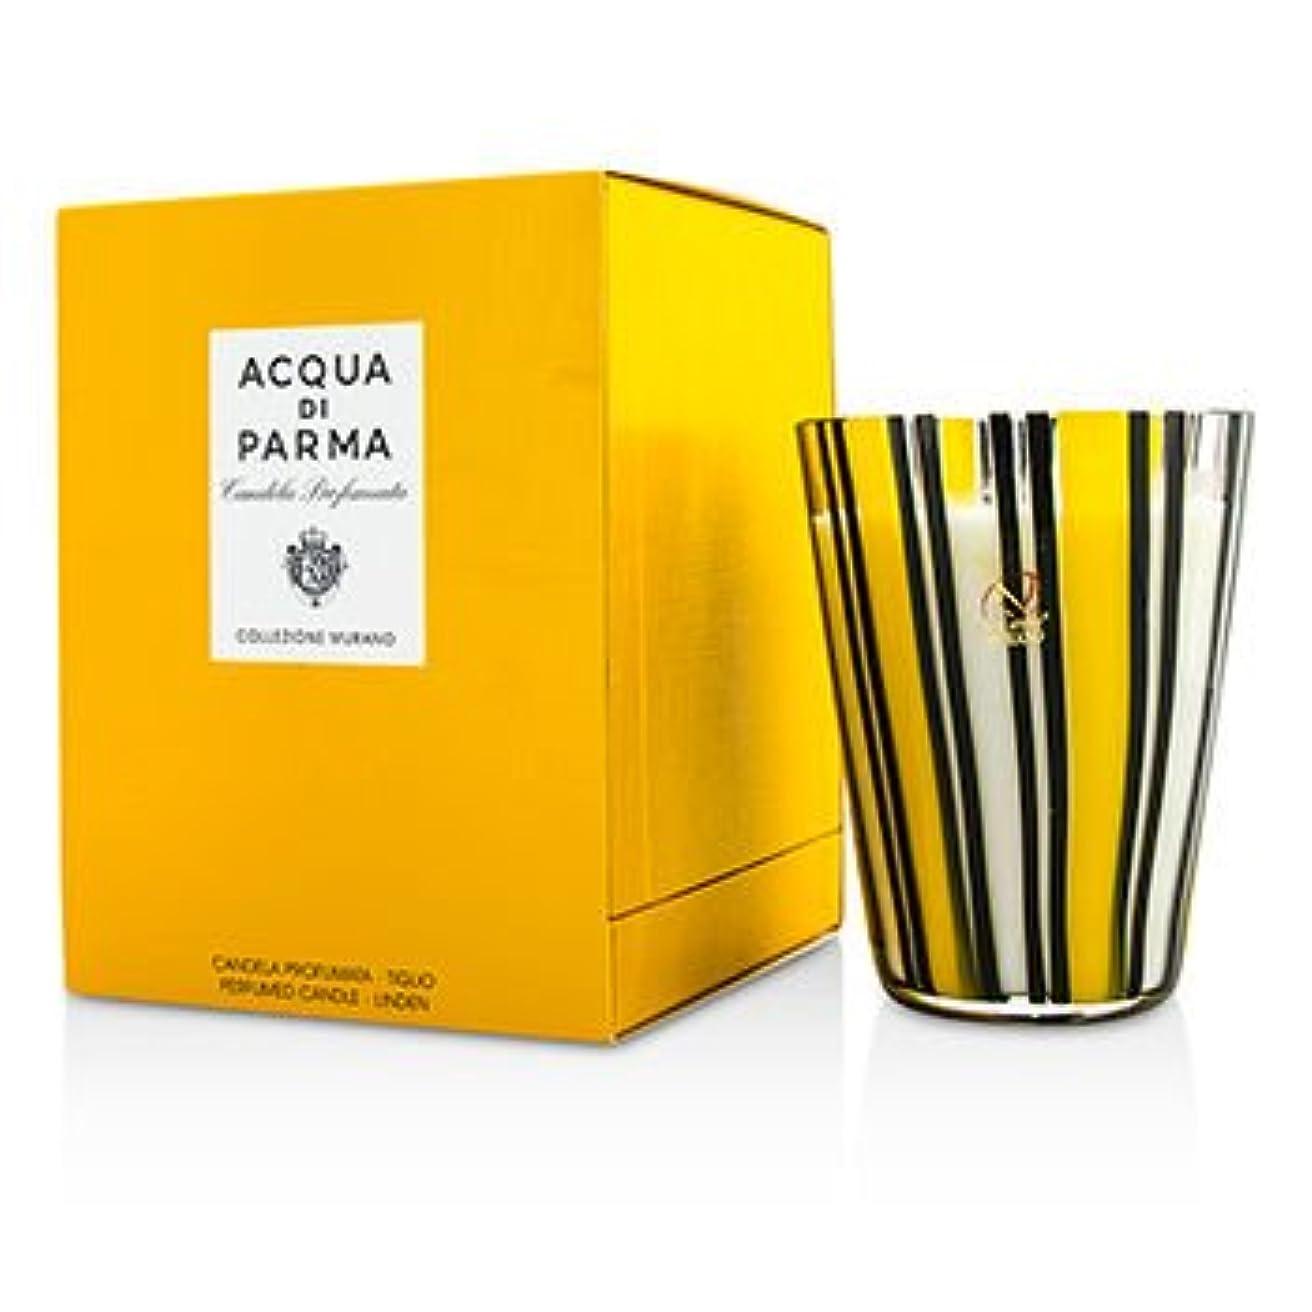 フラフープオートモノグラフ[Acqua Di Parma] Murano Glass Perfumed Candle - Tiglio (Linen) 200g/7.05oz